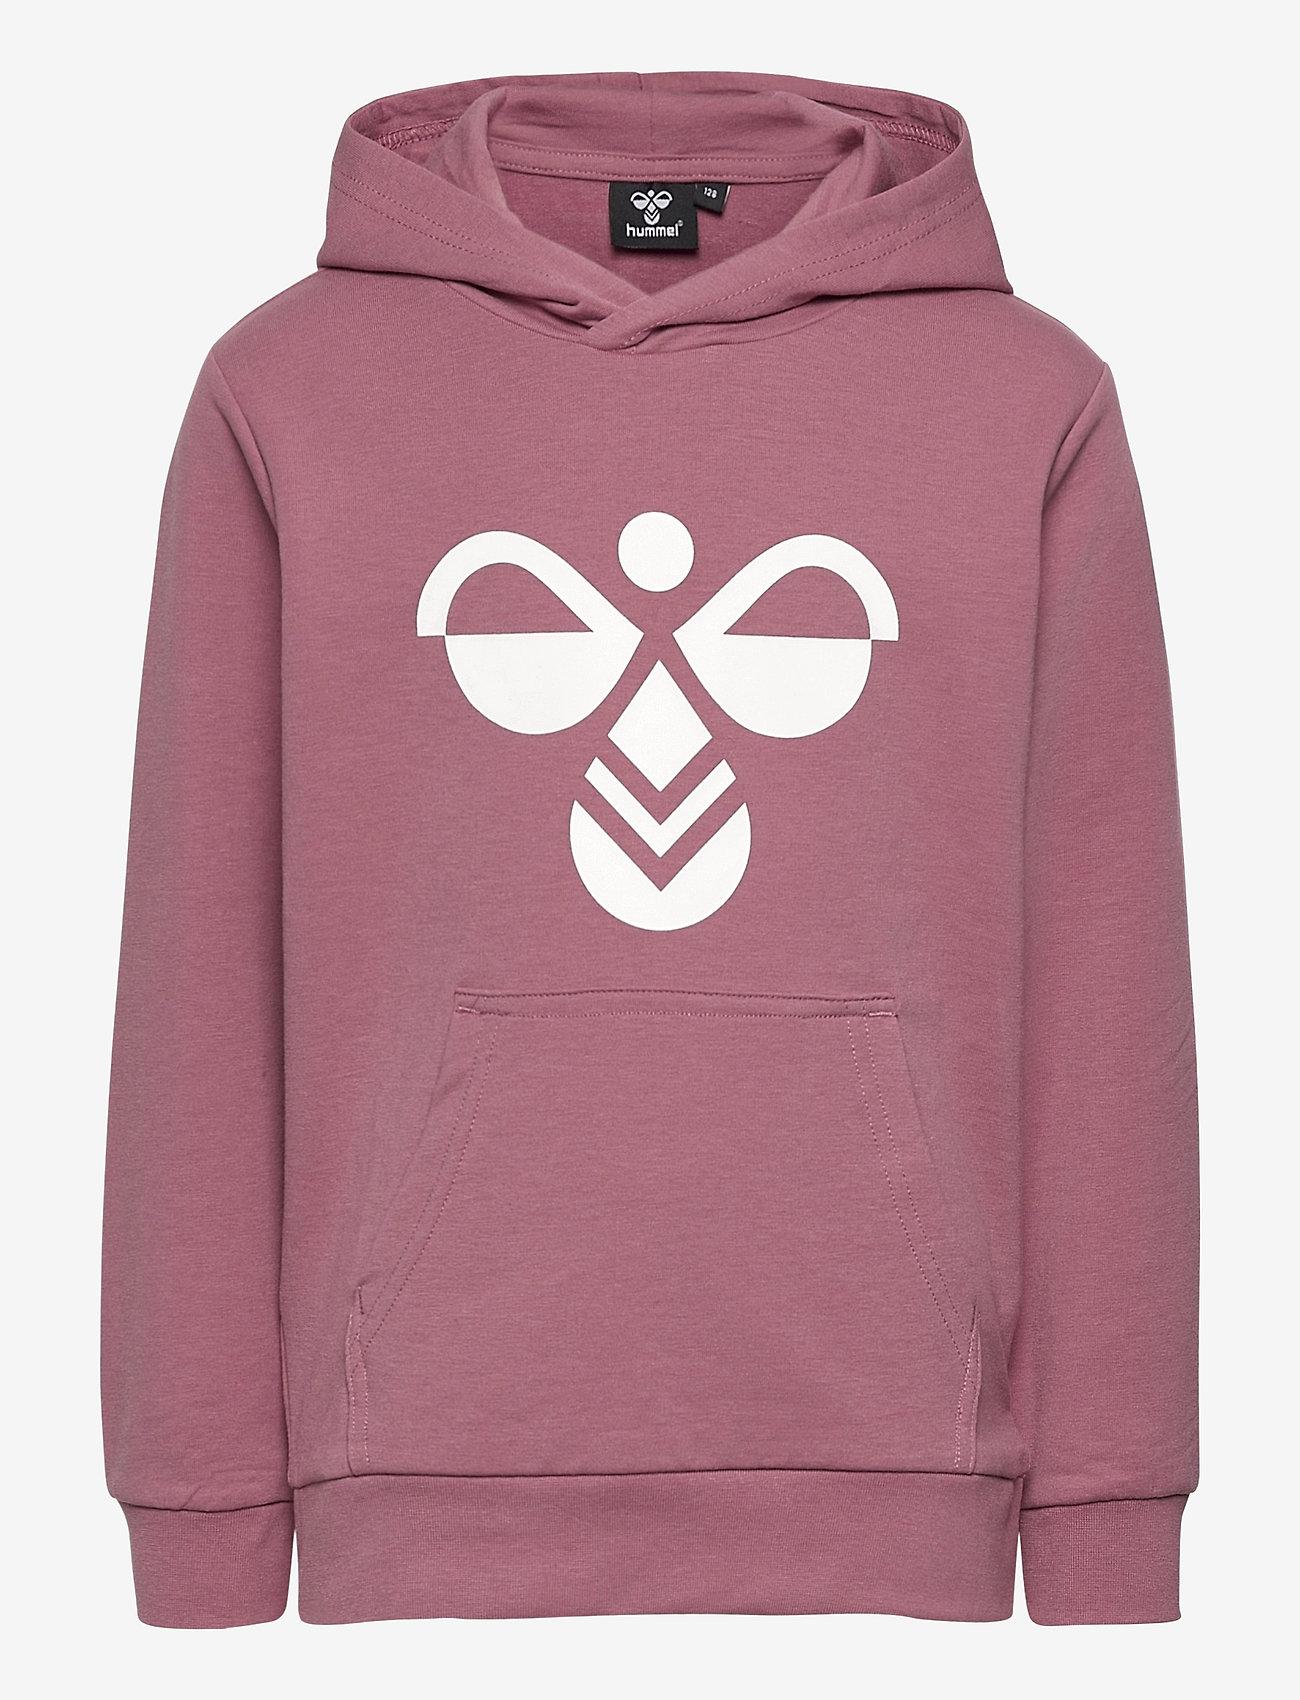 Hummel - hmlCUATRO HOODIE - hoodies - heather rose - 0